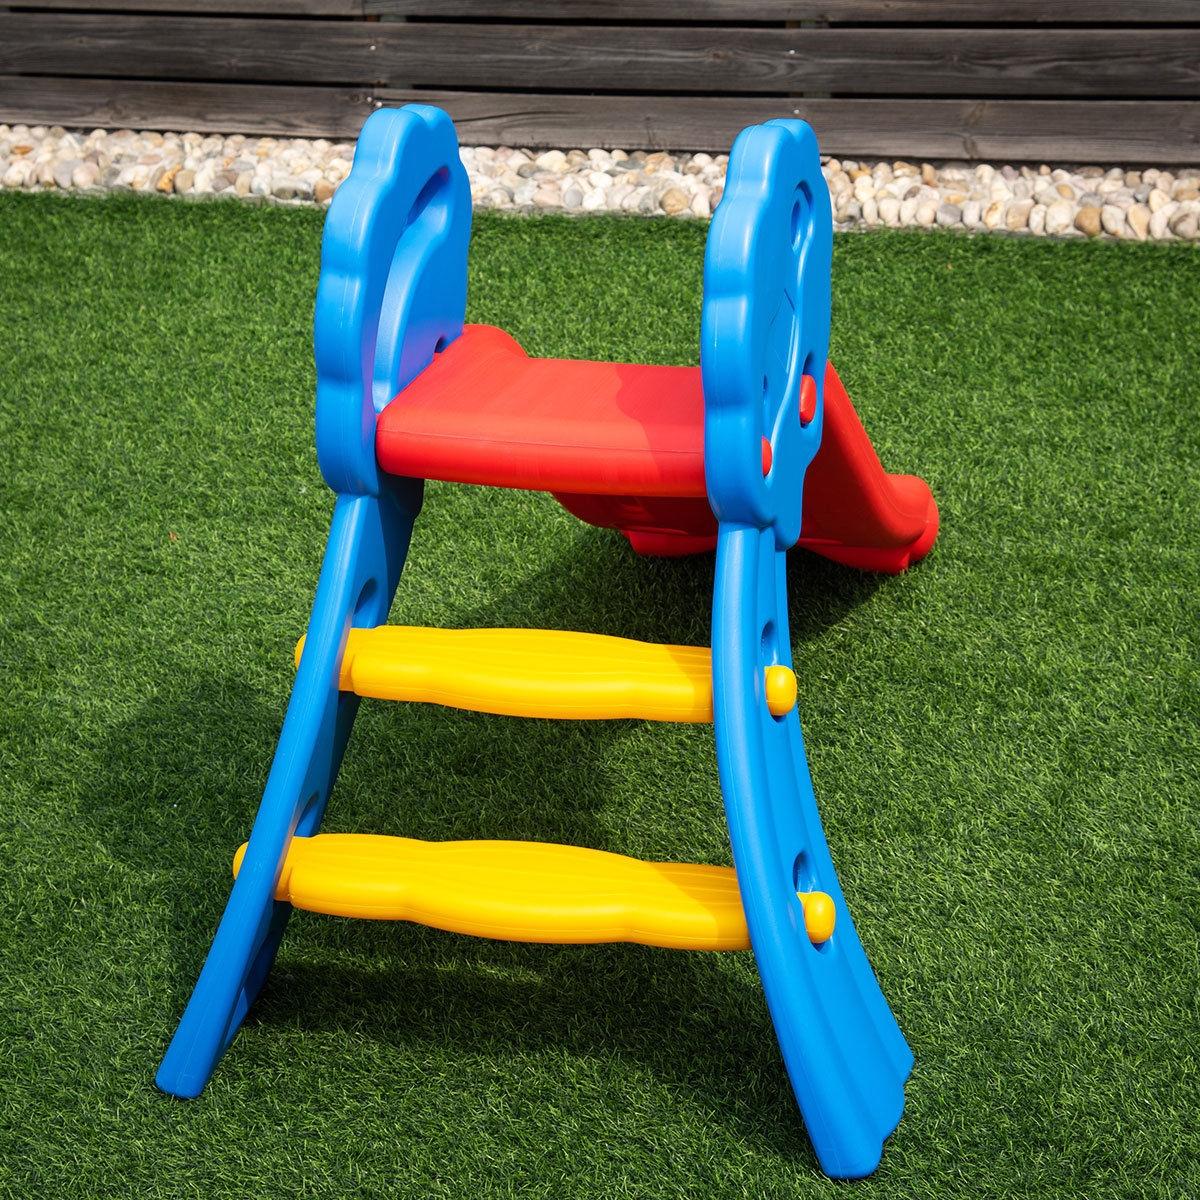 Indoor Outdoor Children Folding Up-down Slide